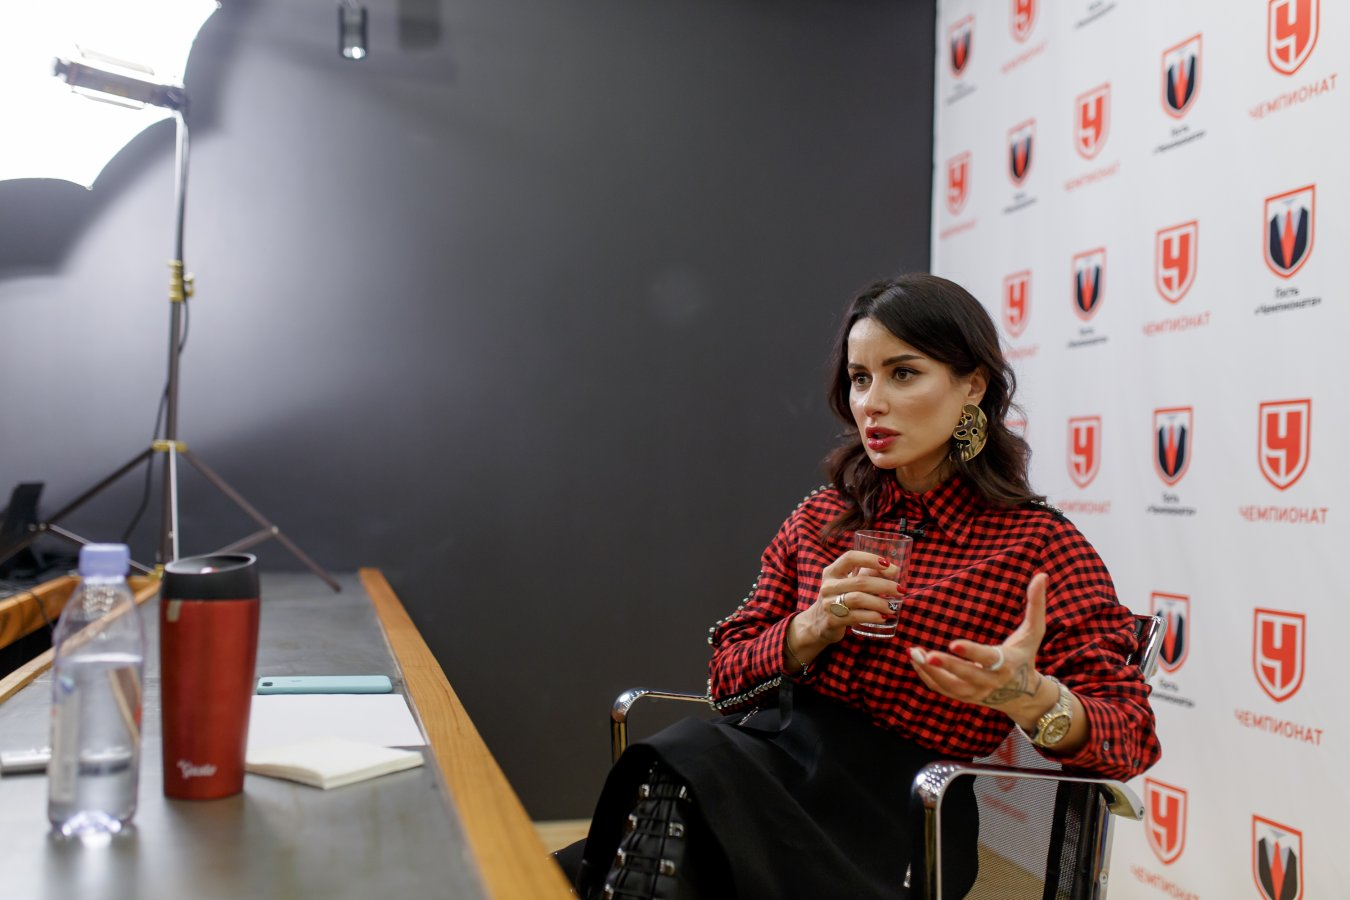 Тина Канделаки прокомментировала перепалку Губерниева и Бузовой в телеэфире